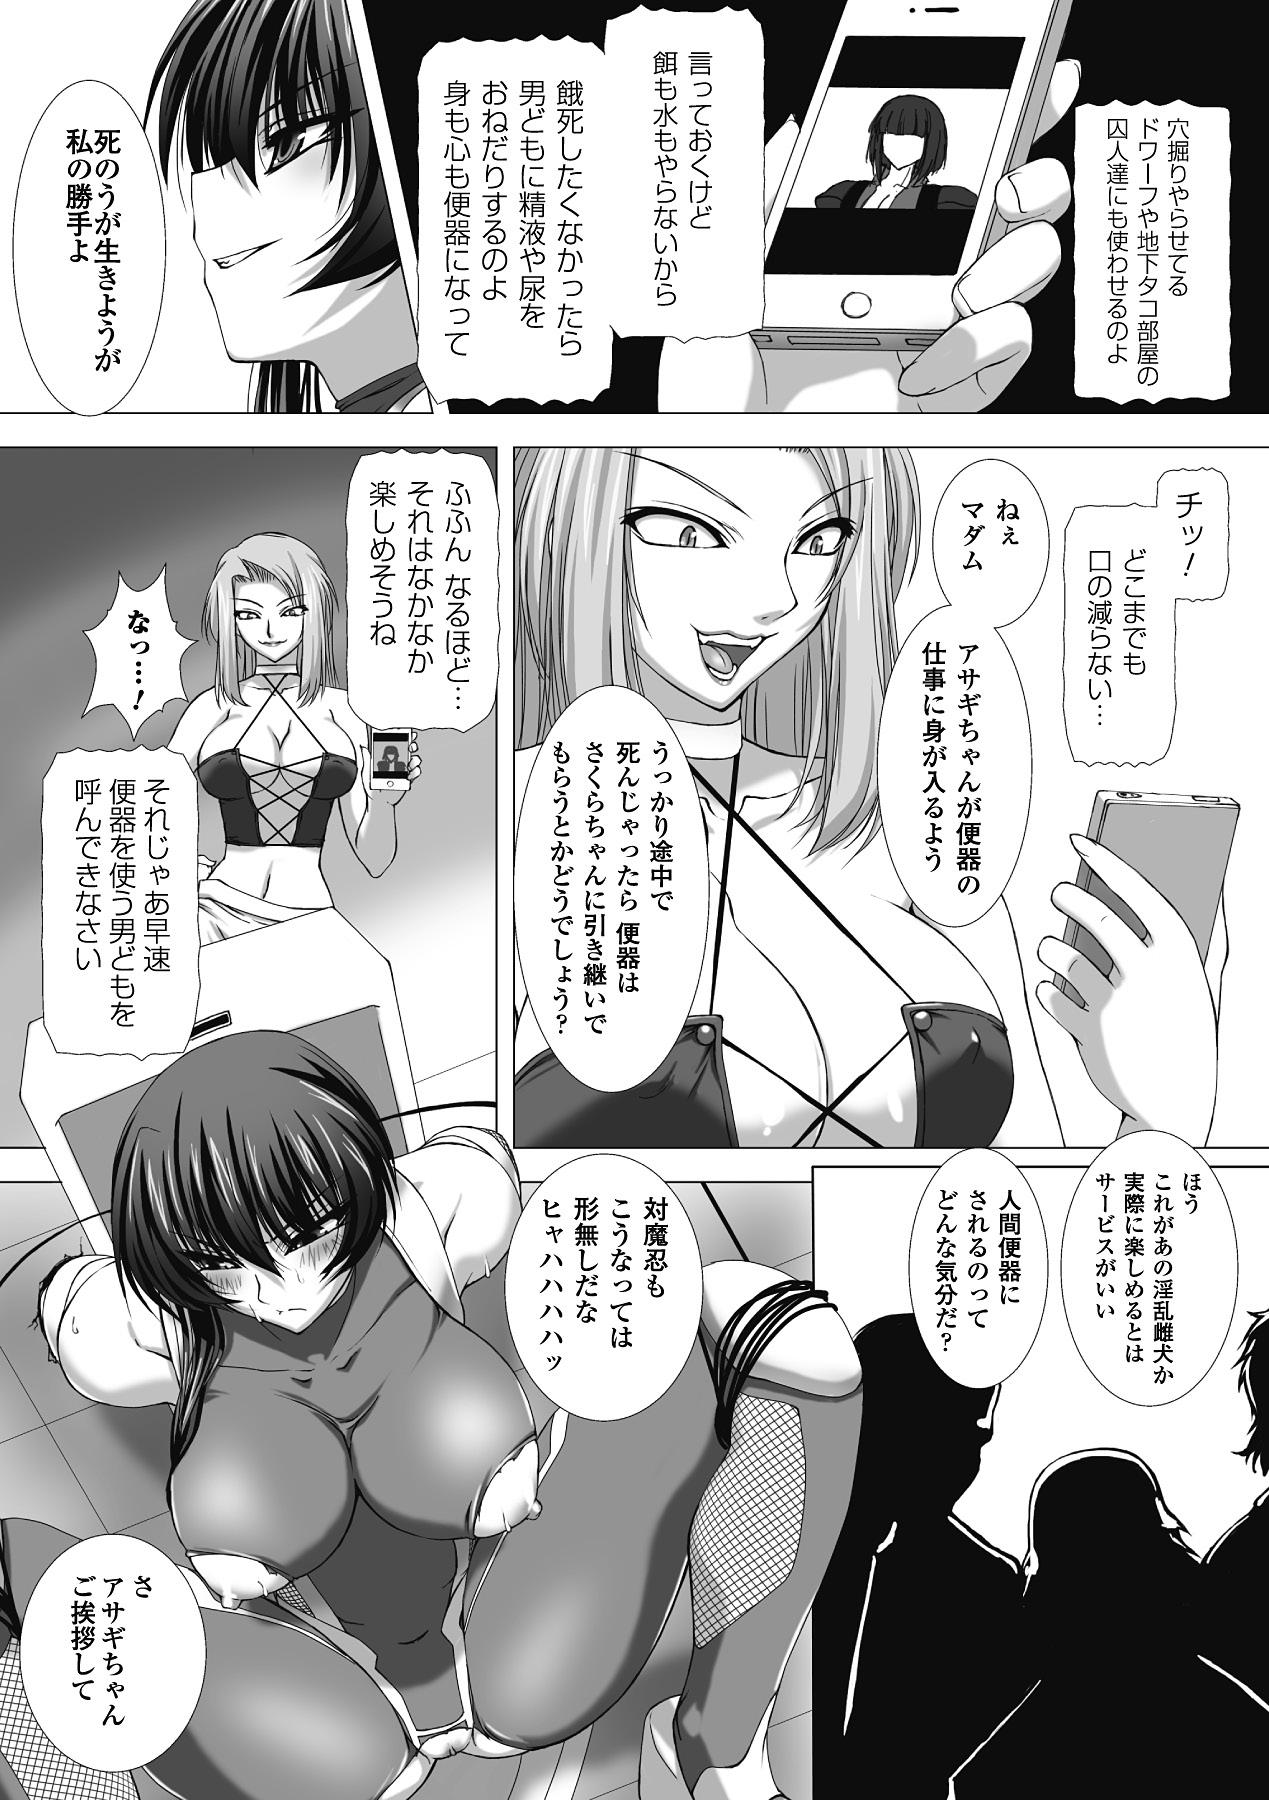 Taimanin Asagi Hajigyaku no Ankokuyuugi THE COMIC 101